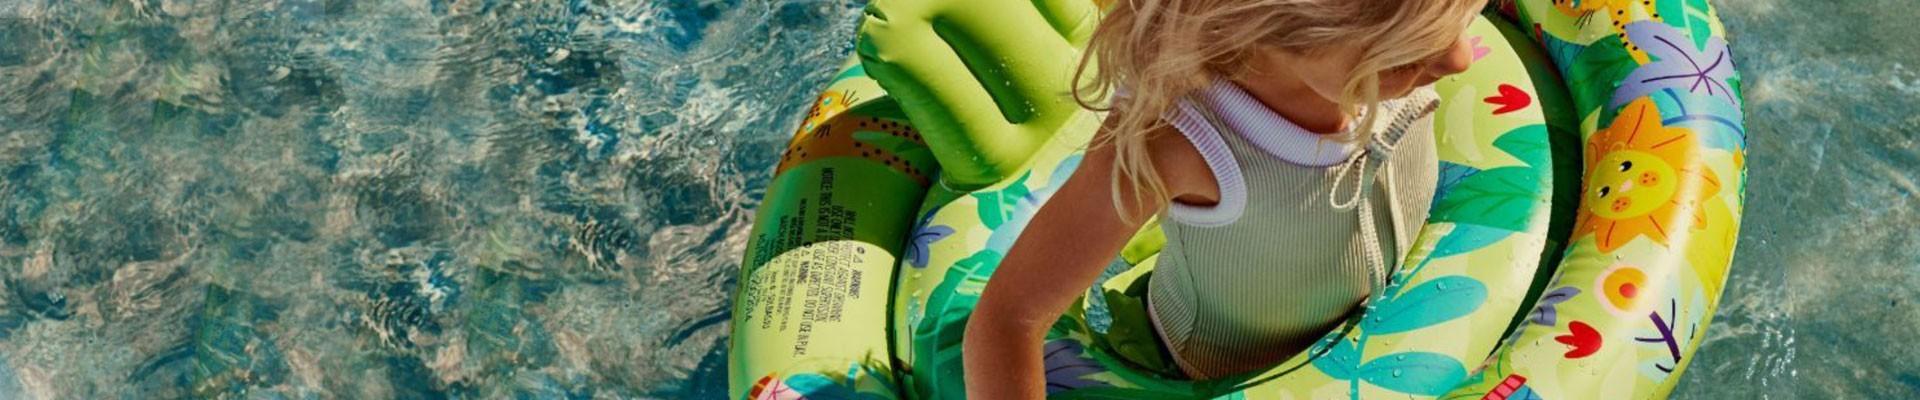 Jeux d'eau pour enfants, bouée, brassard de nage et piscine gonflable